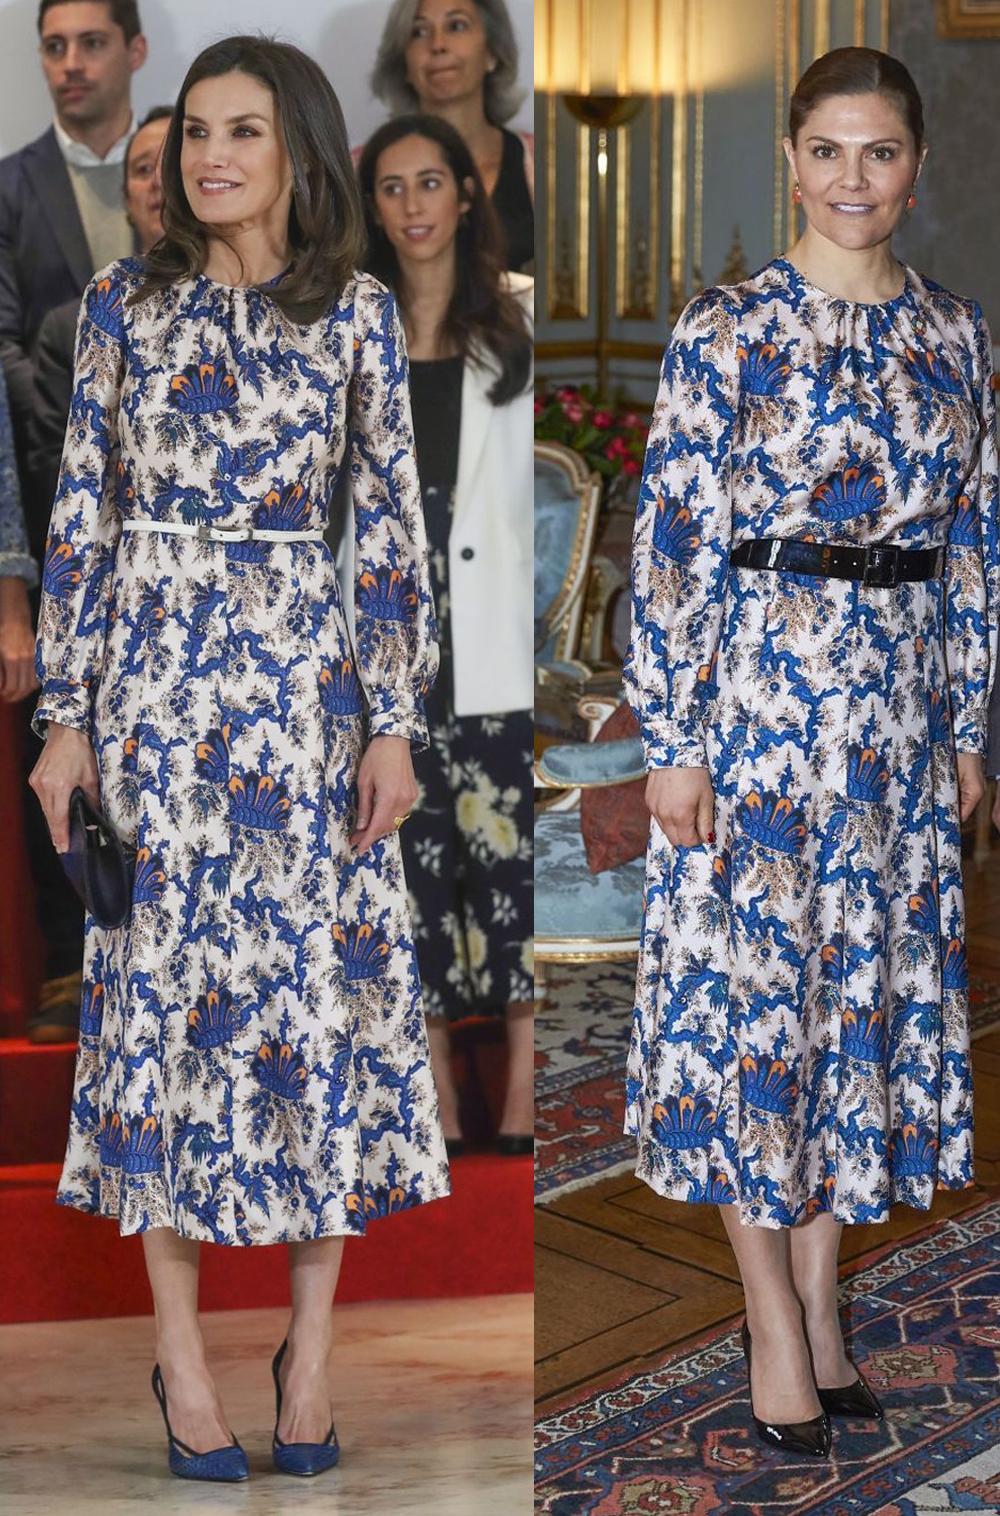 La reina Letizia y Victoria de Suecia con el mismo vestido de Sandro.